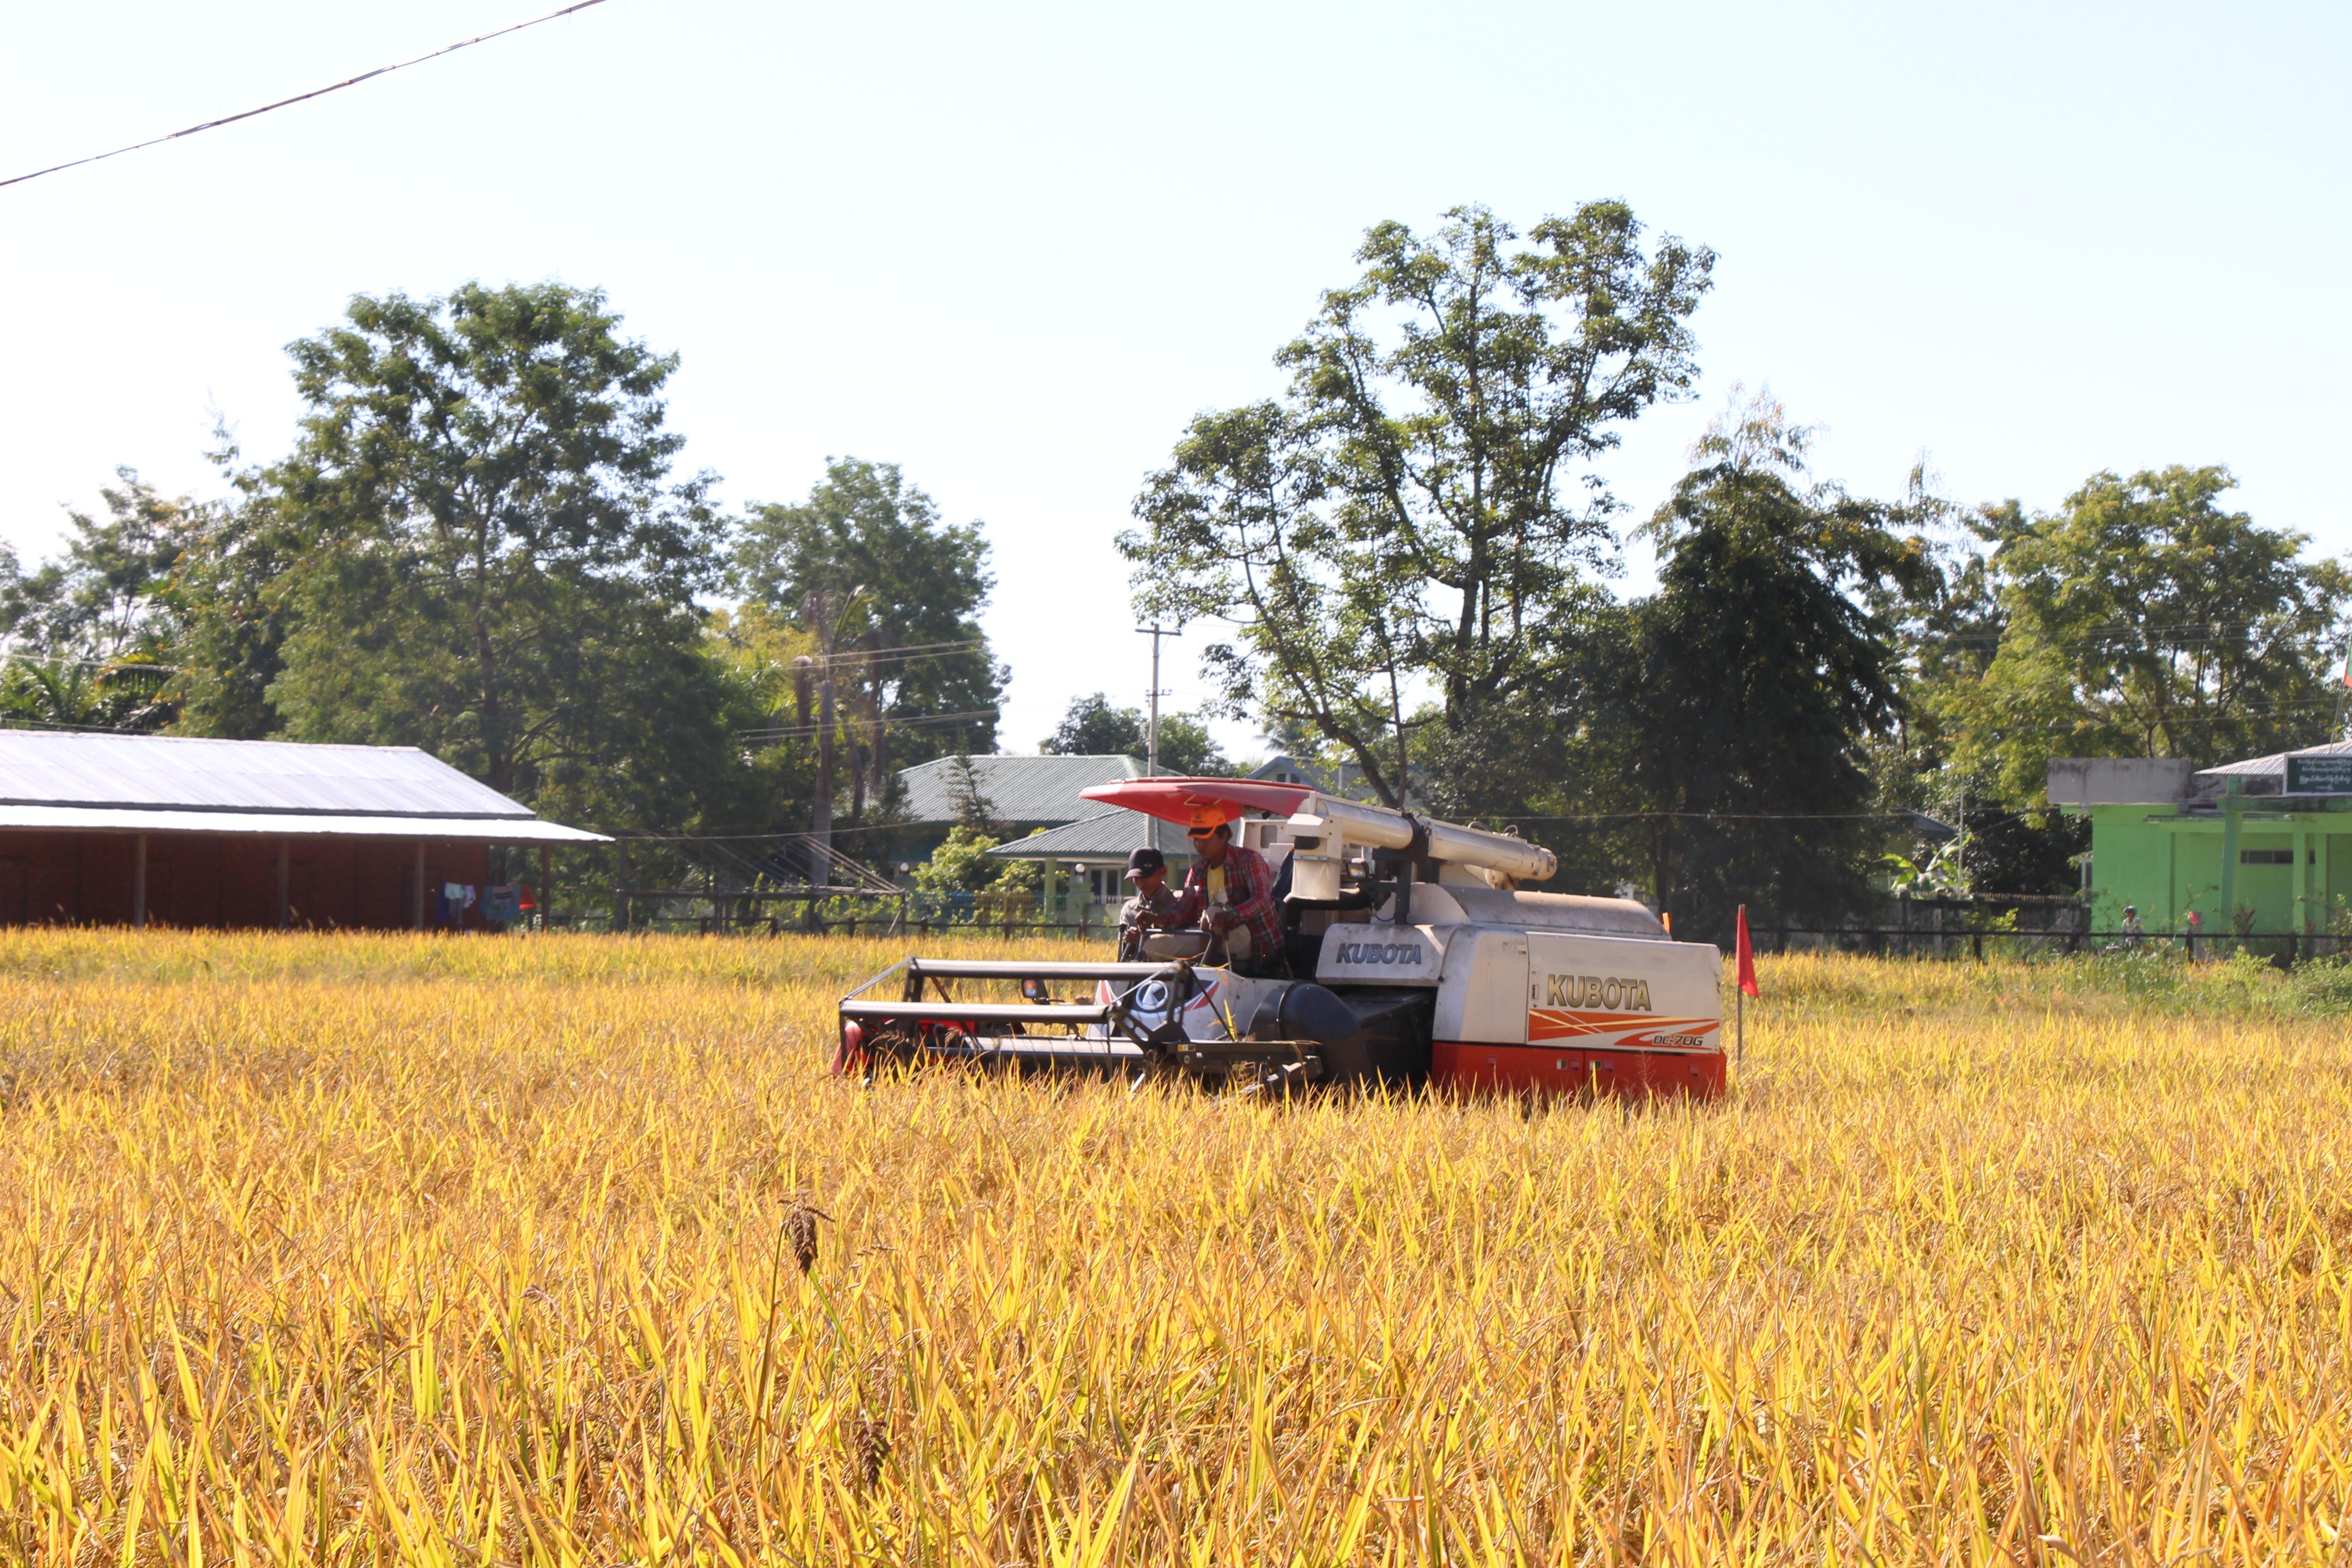 စိုက်ပျိုးရေးကဏ္ဍ ဖွံ့ဖြိုးတိုးတက်မှု အထောက်အကူပြု စီမံကိန်းကို ၇ နှစ်ခန့် ဆောင်ရွက်မည်